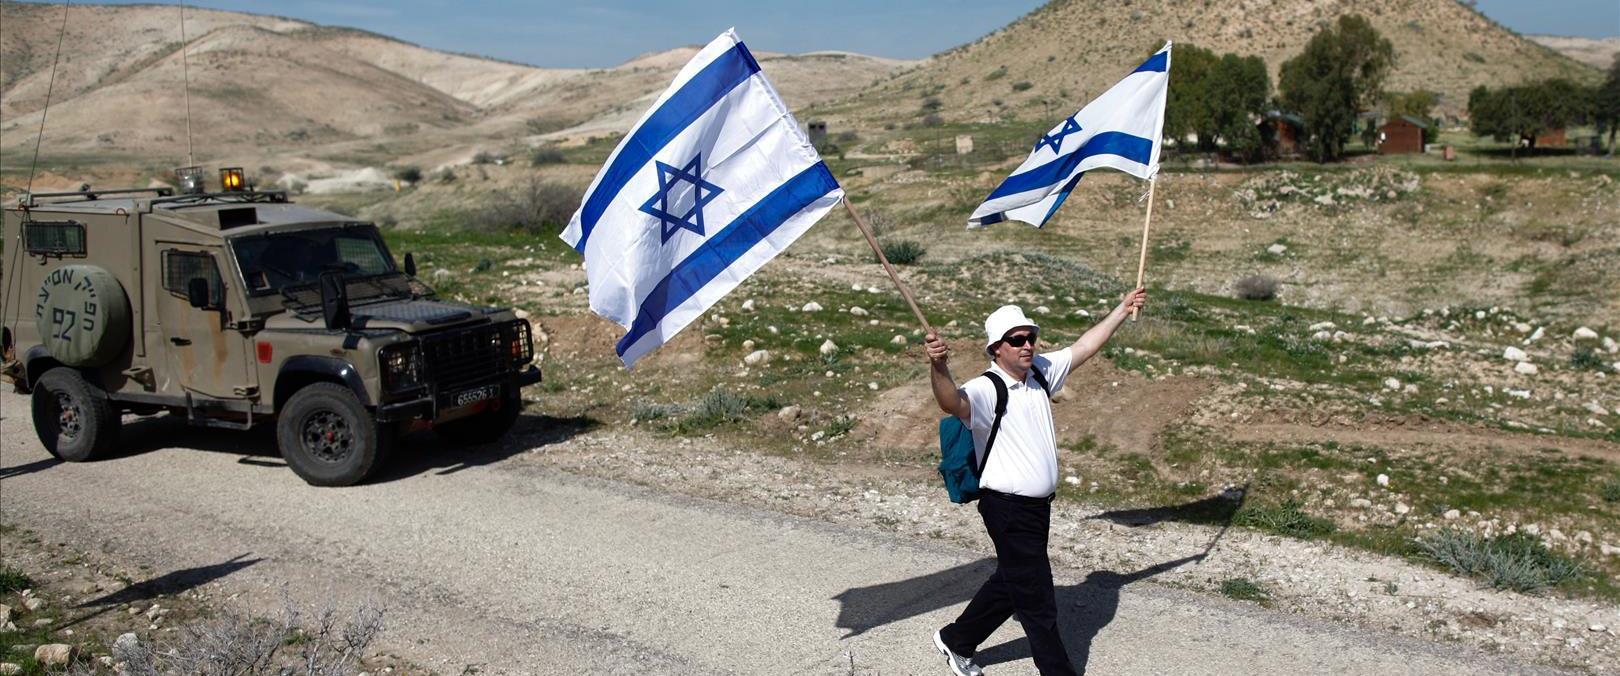 אזרח עם דגל בבקעת הירדן